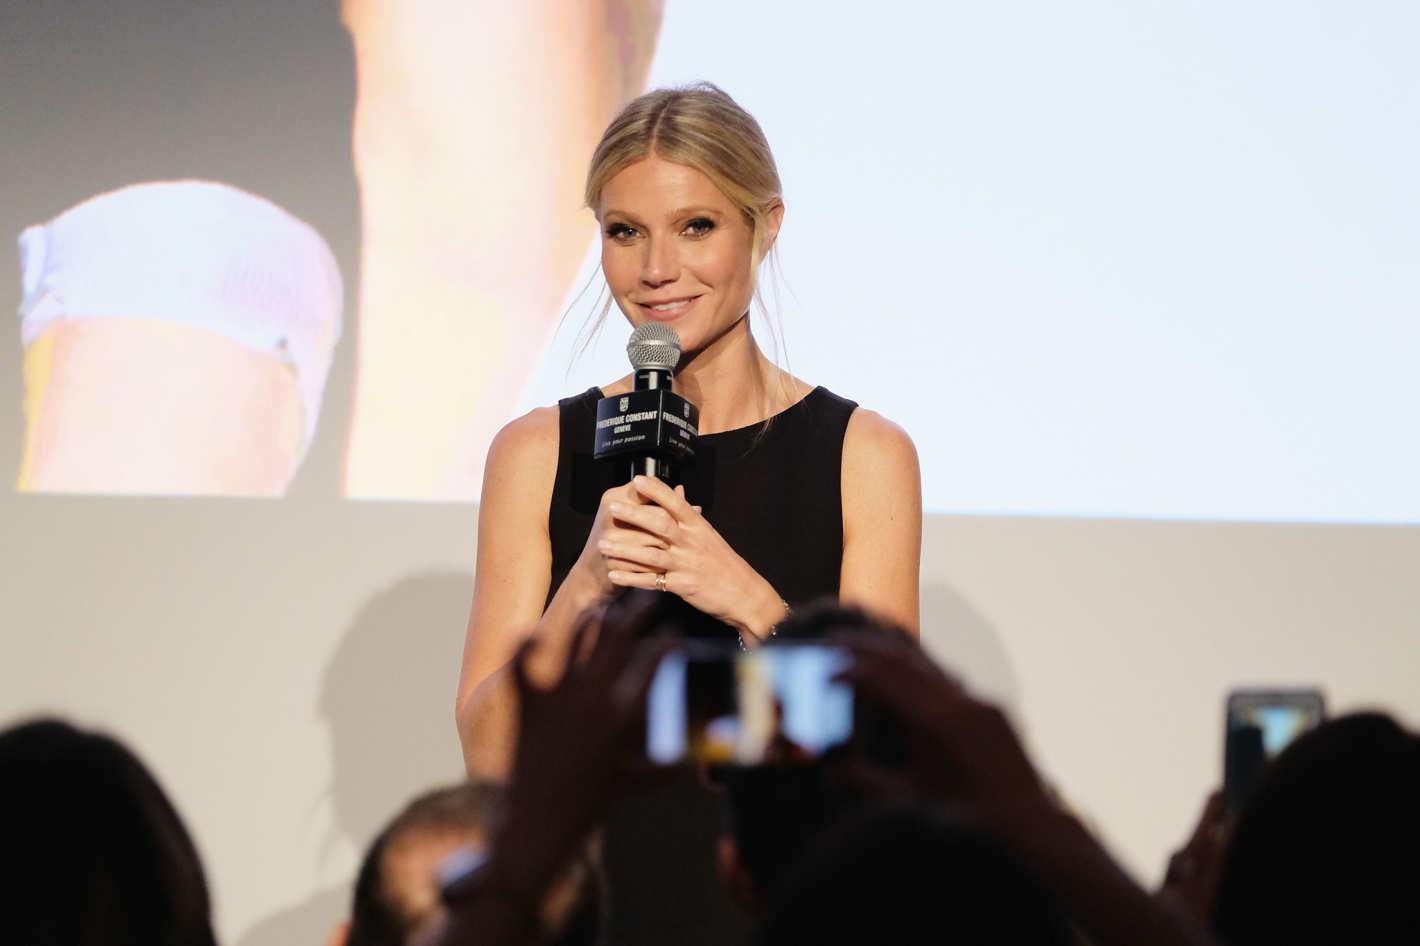 Gwyneth Paltrow at the Goop Summit